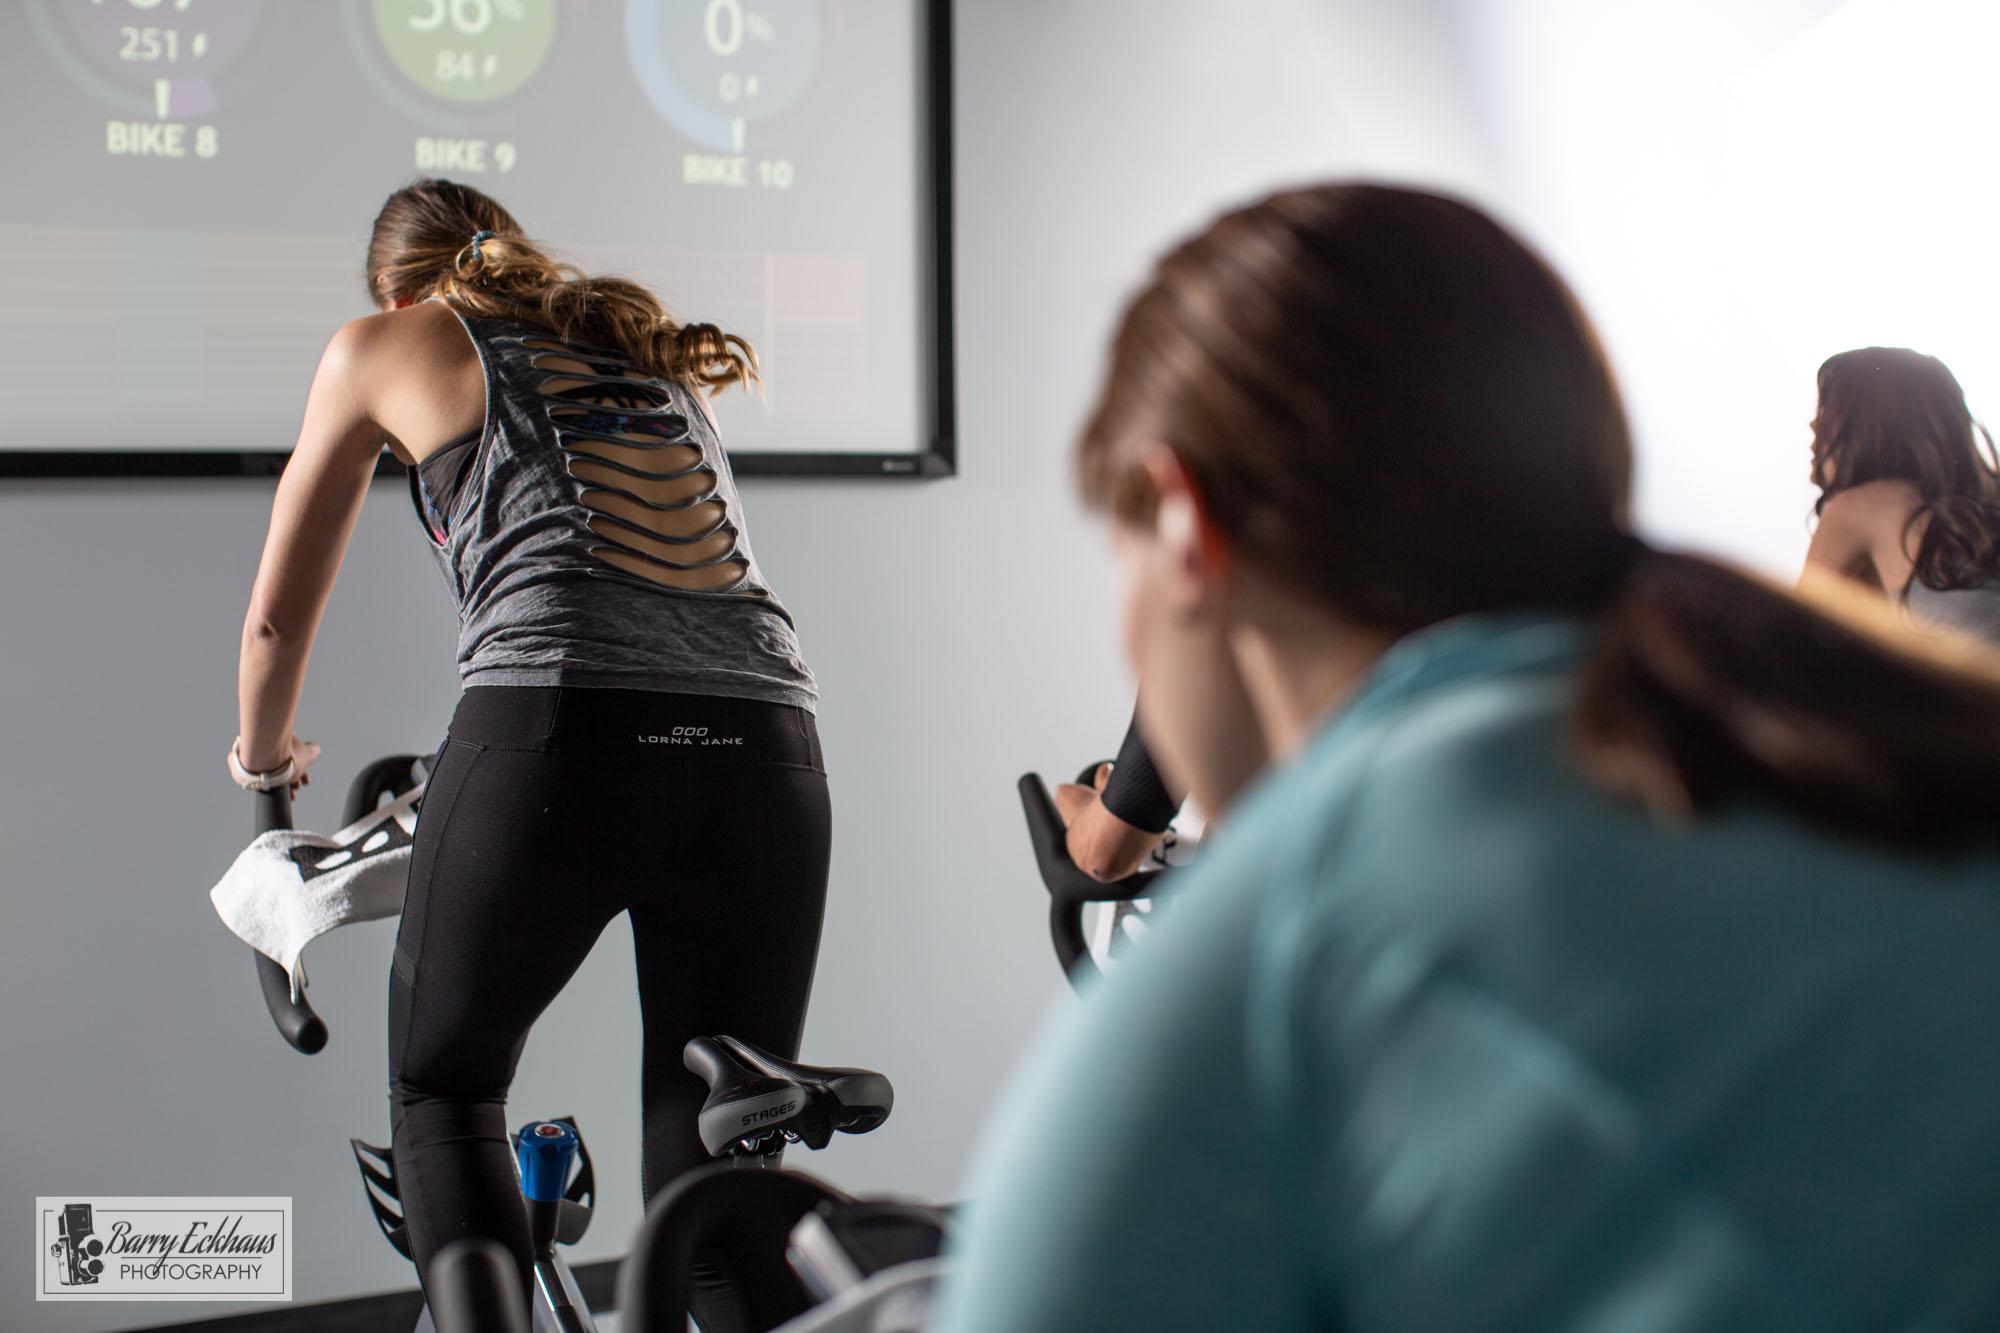 Revolve Ride, cycling studio in Eagle, Colorado.